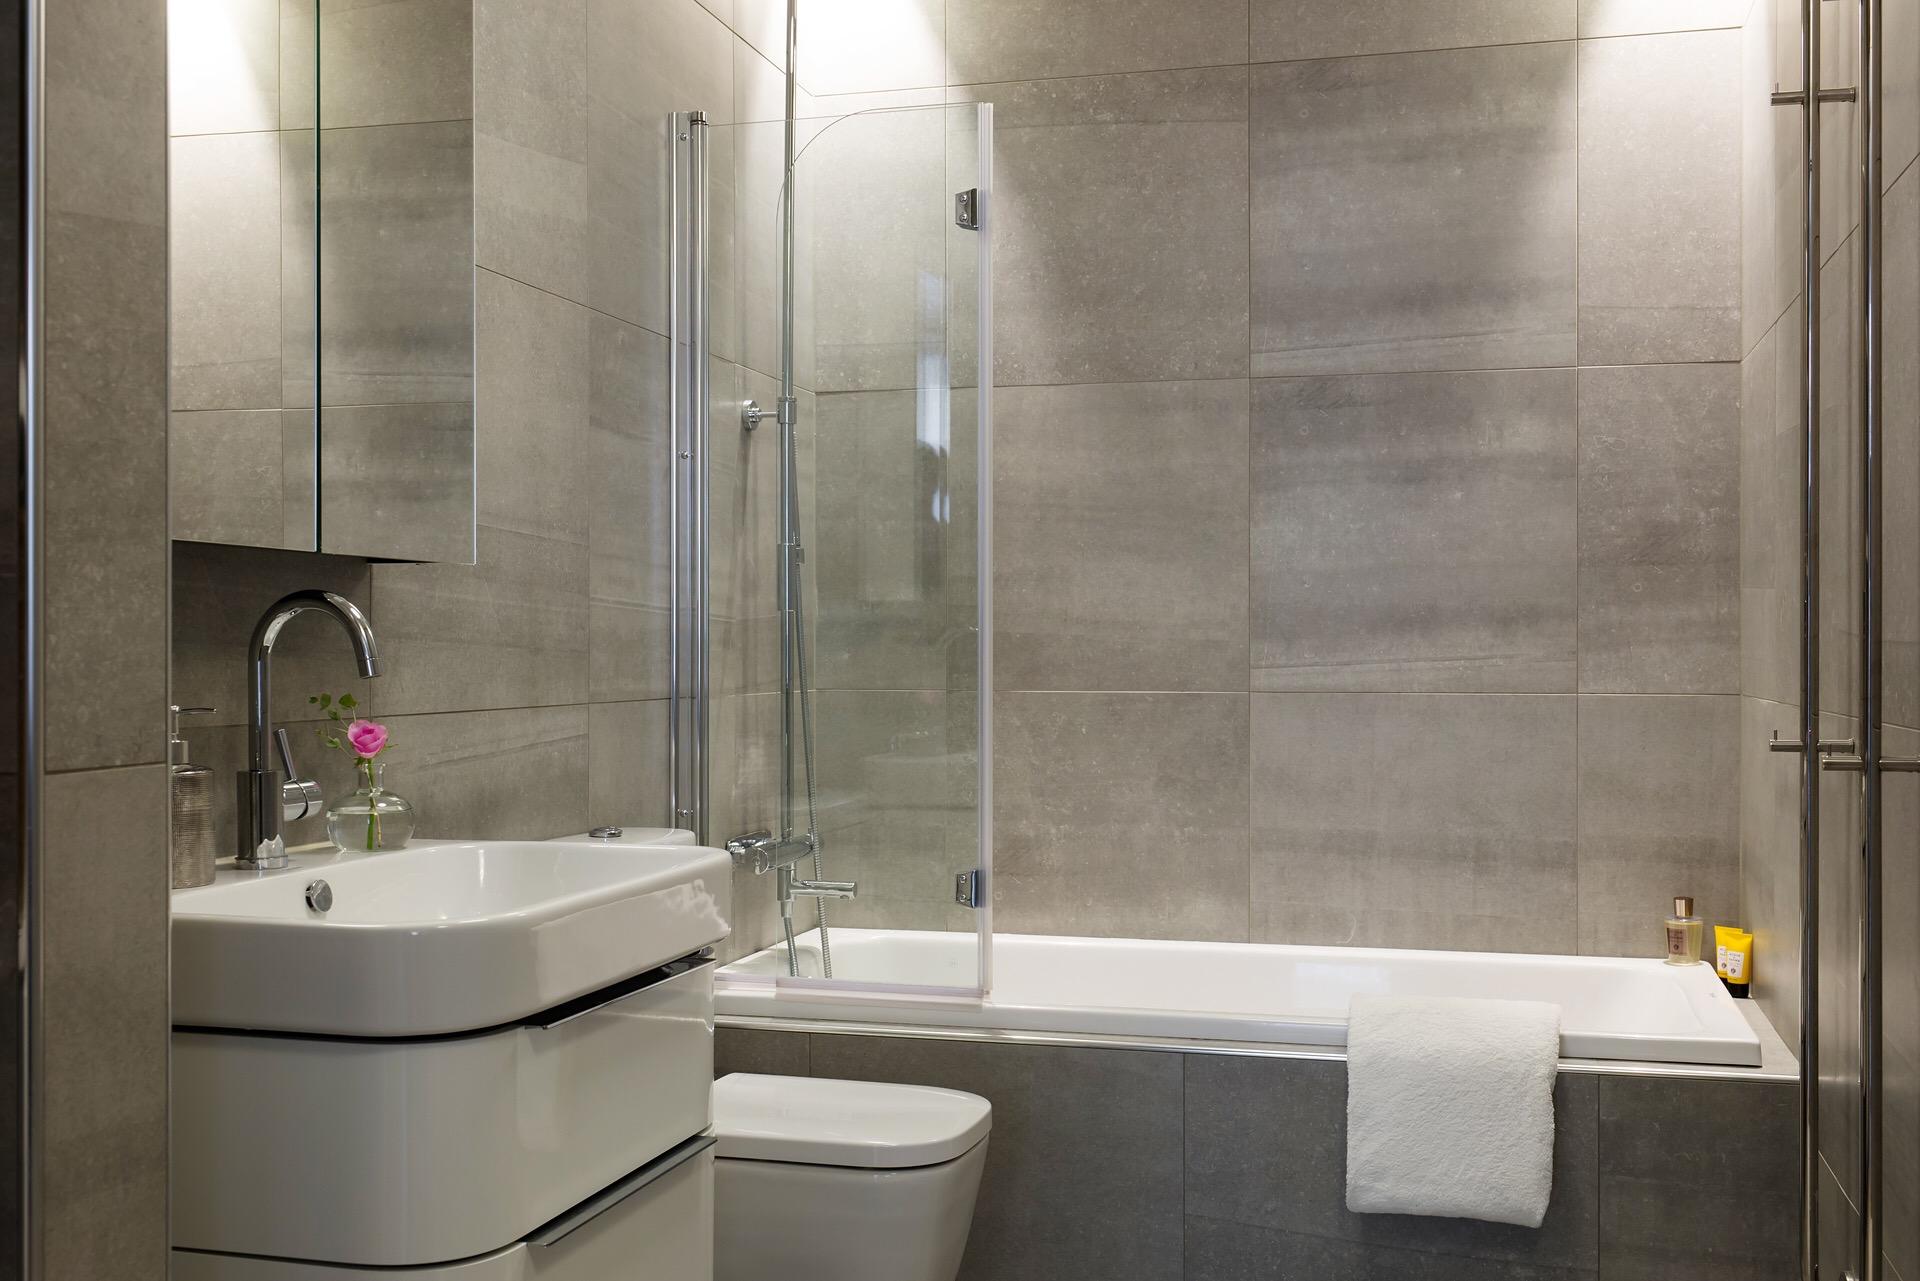 ванная комната ванна стеклянная шторка раковина комод смеситель зеркальный шкафчик